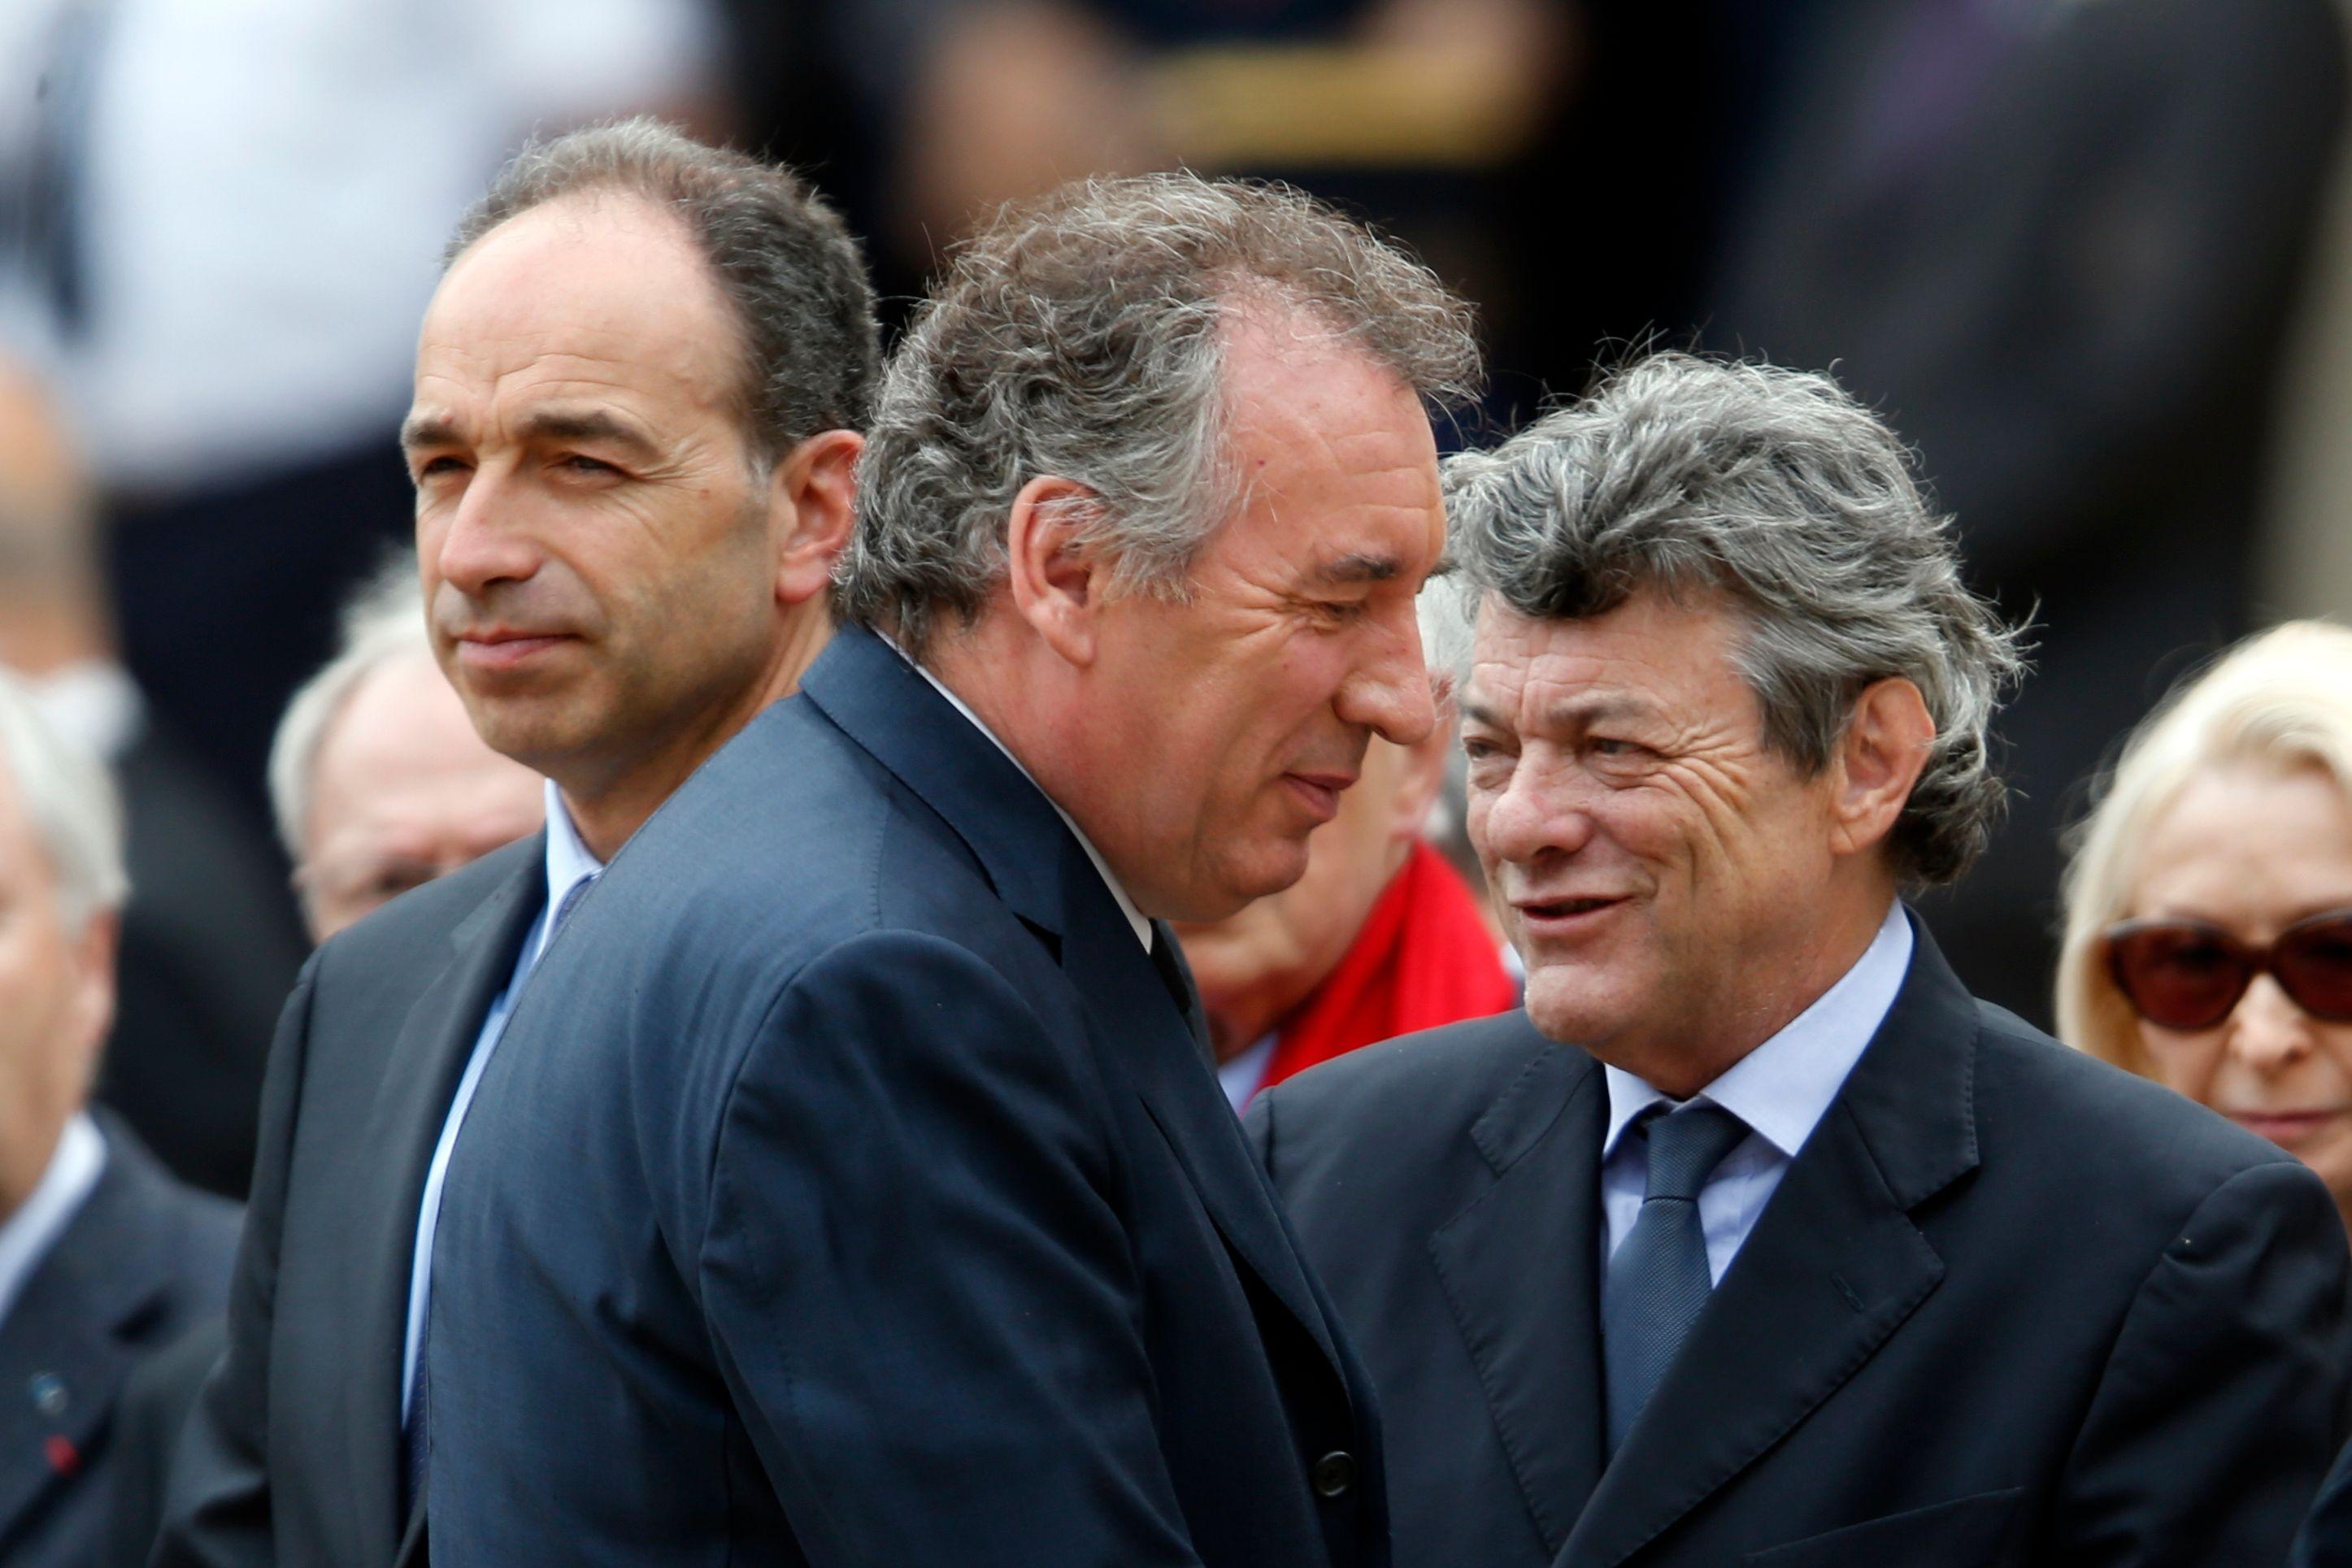 Borloo a opté pour une position plus classique de centre-droit potentiellement allié d'une droite classique alors que Bayrou a tenté une aventure davantage autonomiste qui a eu un certain succès en 2007.